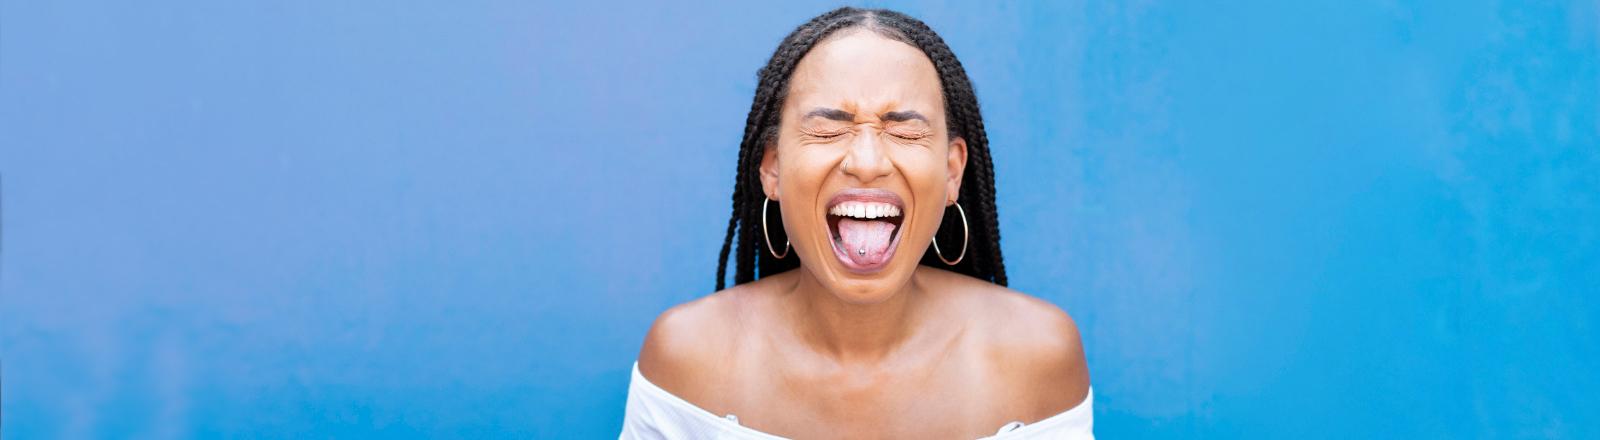 Eine Frau streckt ihre Zunge raus